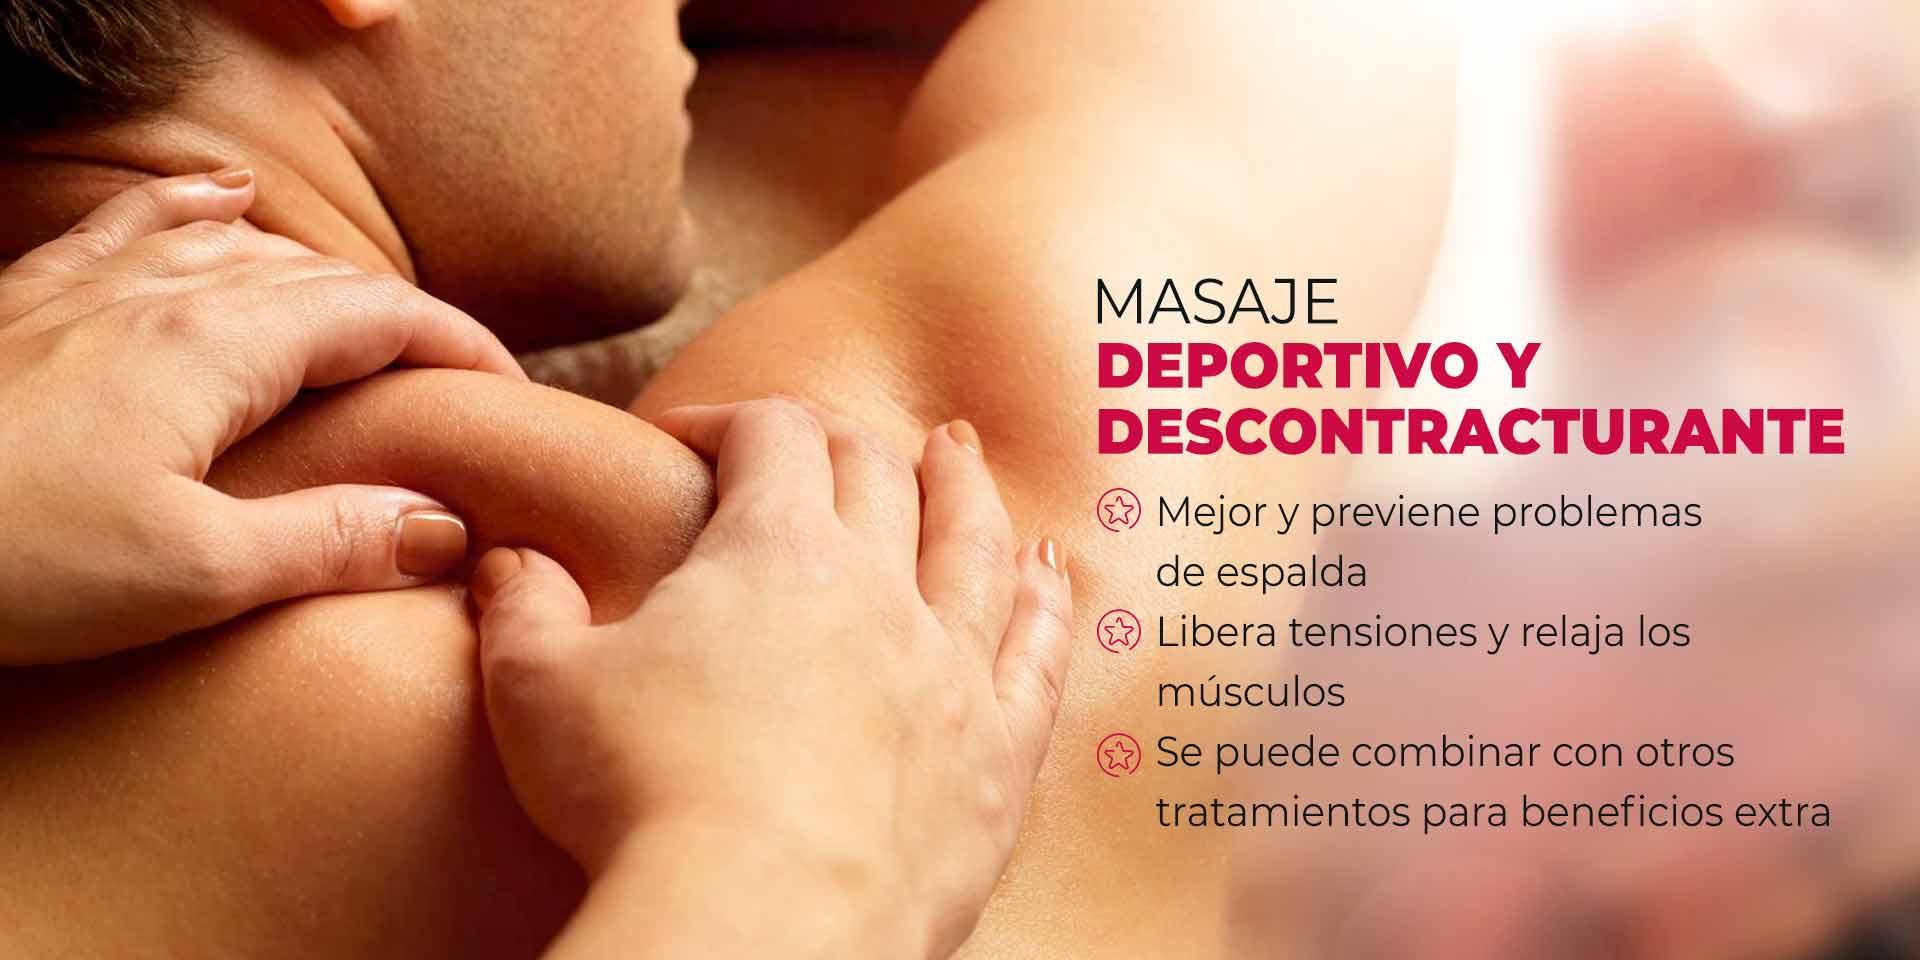 masaje deportivo y descontracturante en CDMX